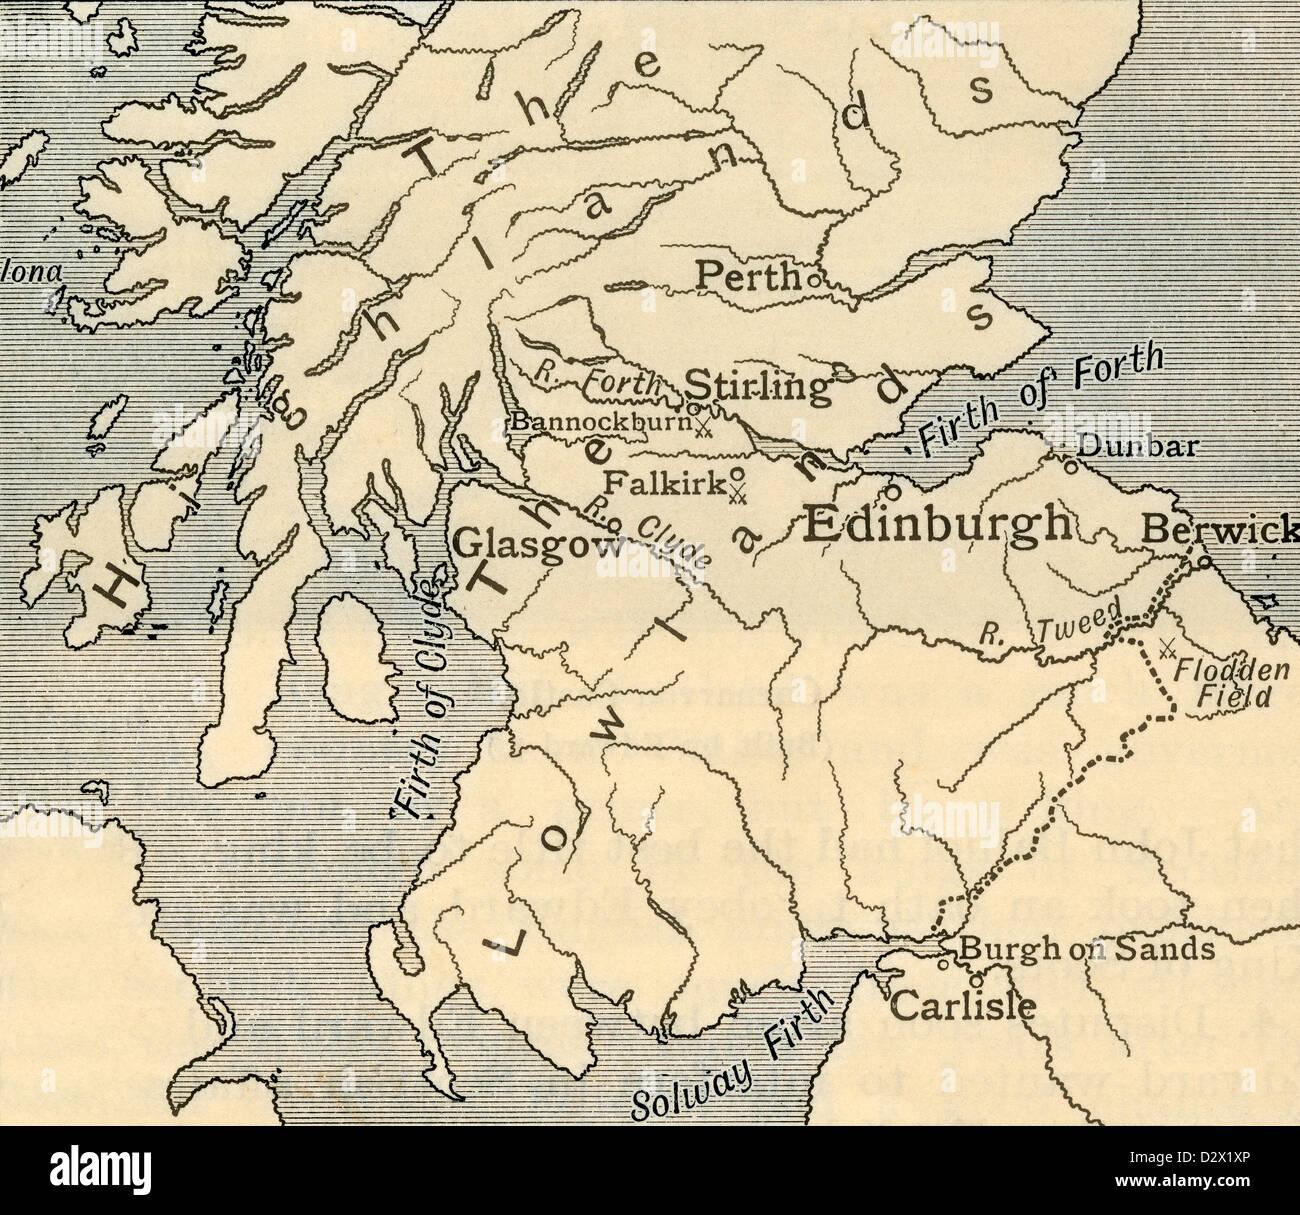 Mappa del sud della Scozia durante il tardo medioevo. Da un primo libro di storia britannica pubblicato 1925. Immagini Stock